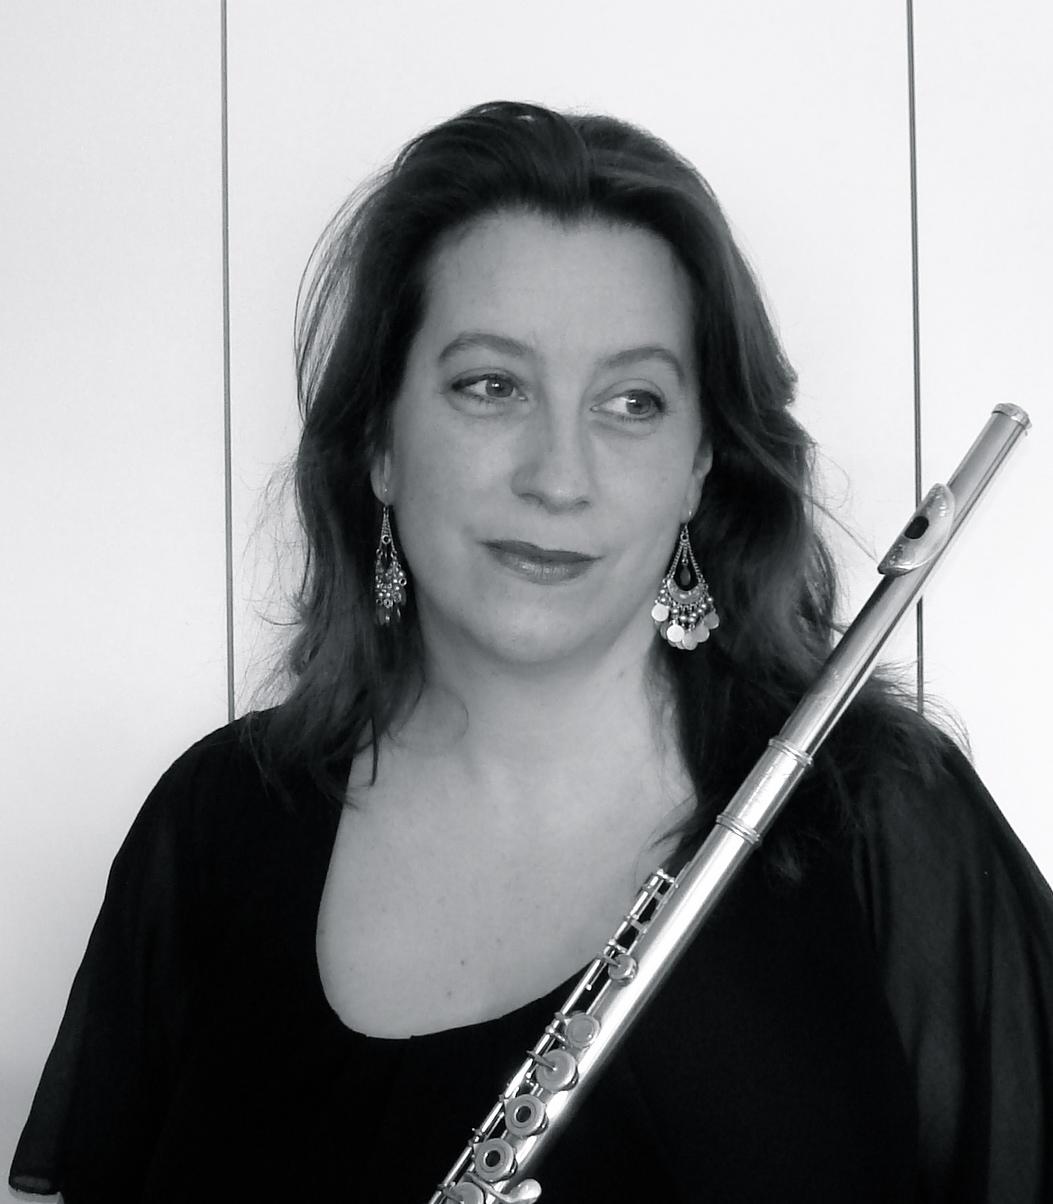 Lucie Humbrecht